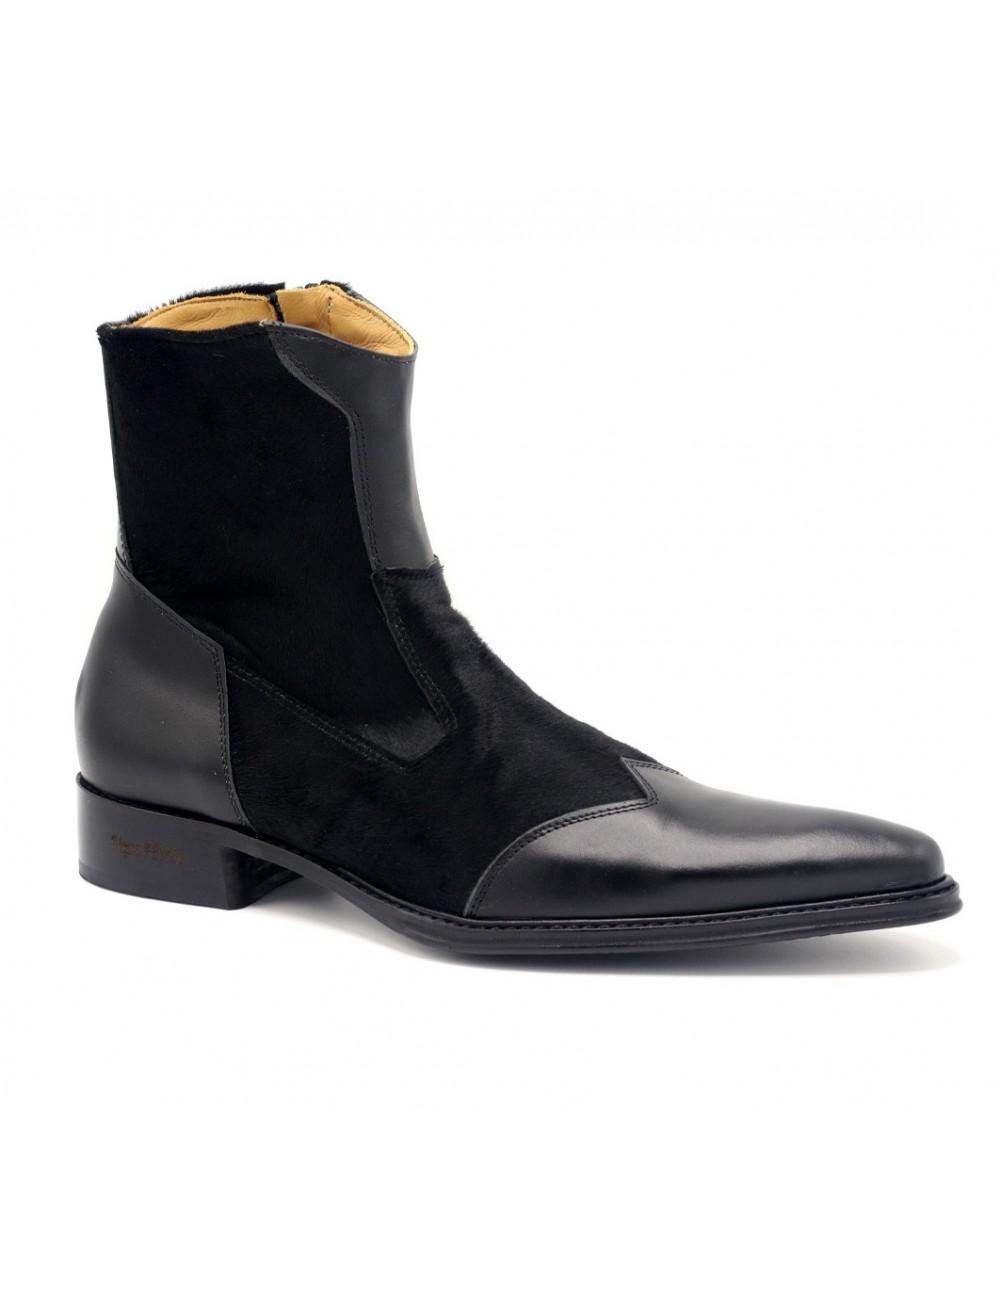 Bottines homme - Boots homme pointues cuir noir tendances